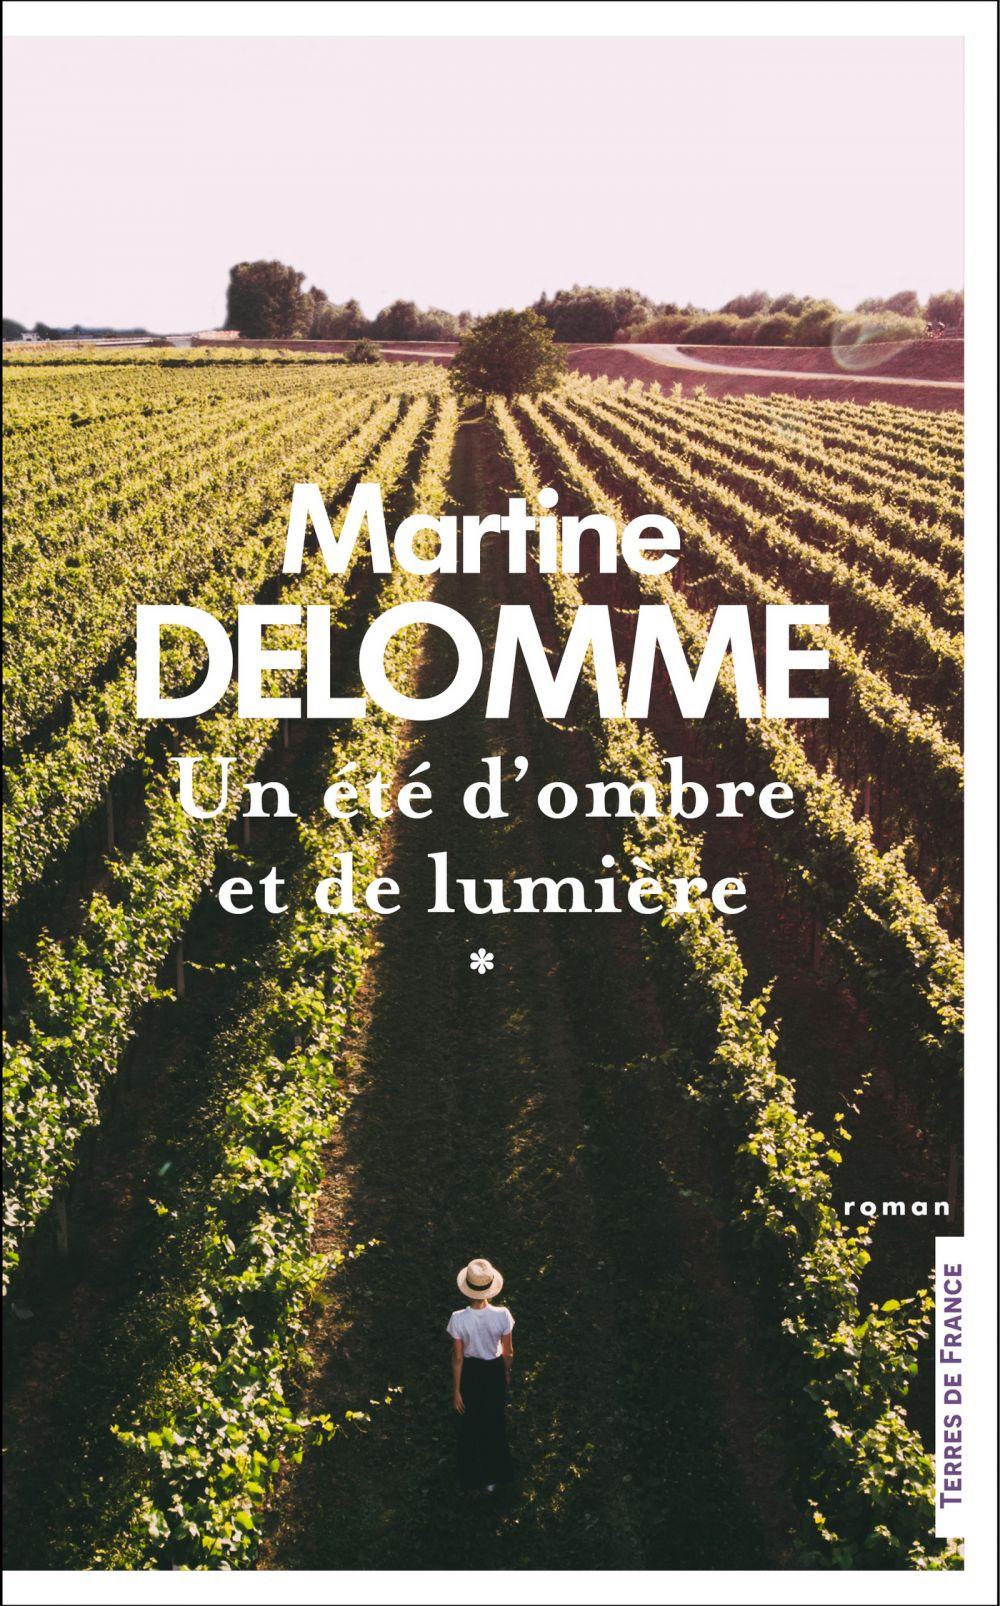 Un été d'ombre et de lumière   Delomme, Martine. Auteur